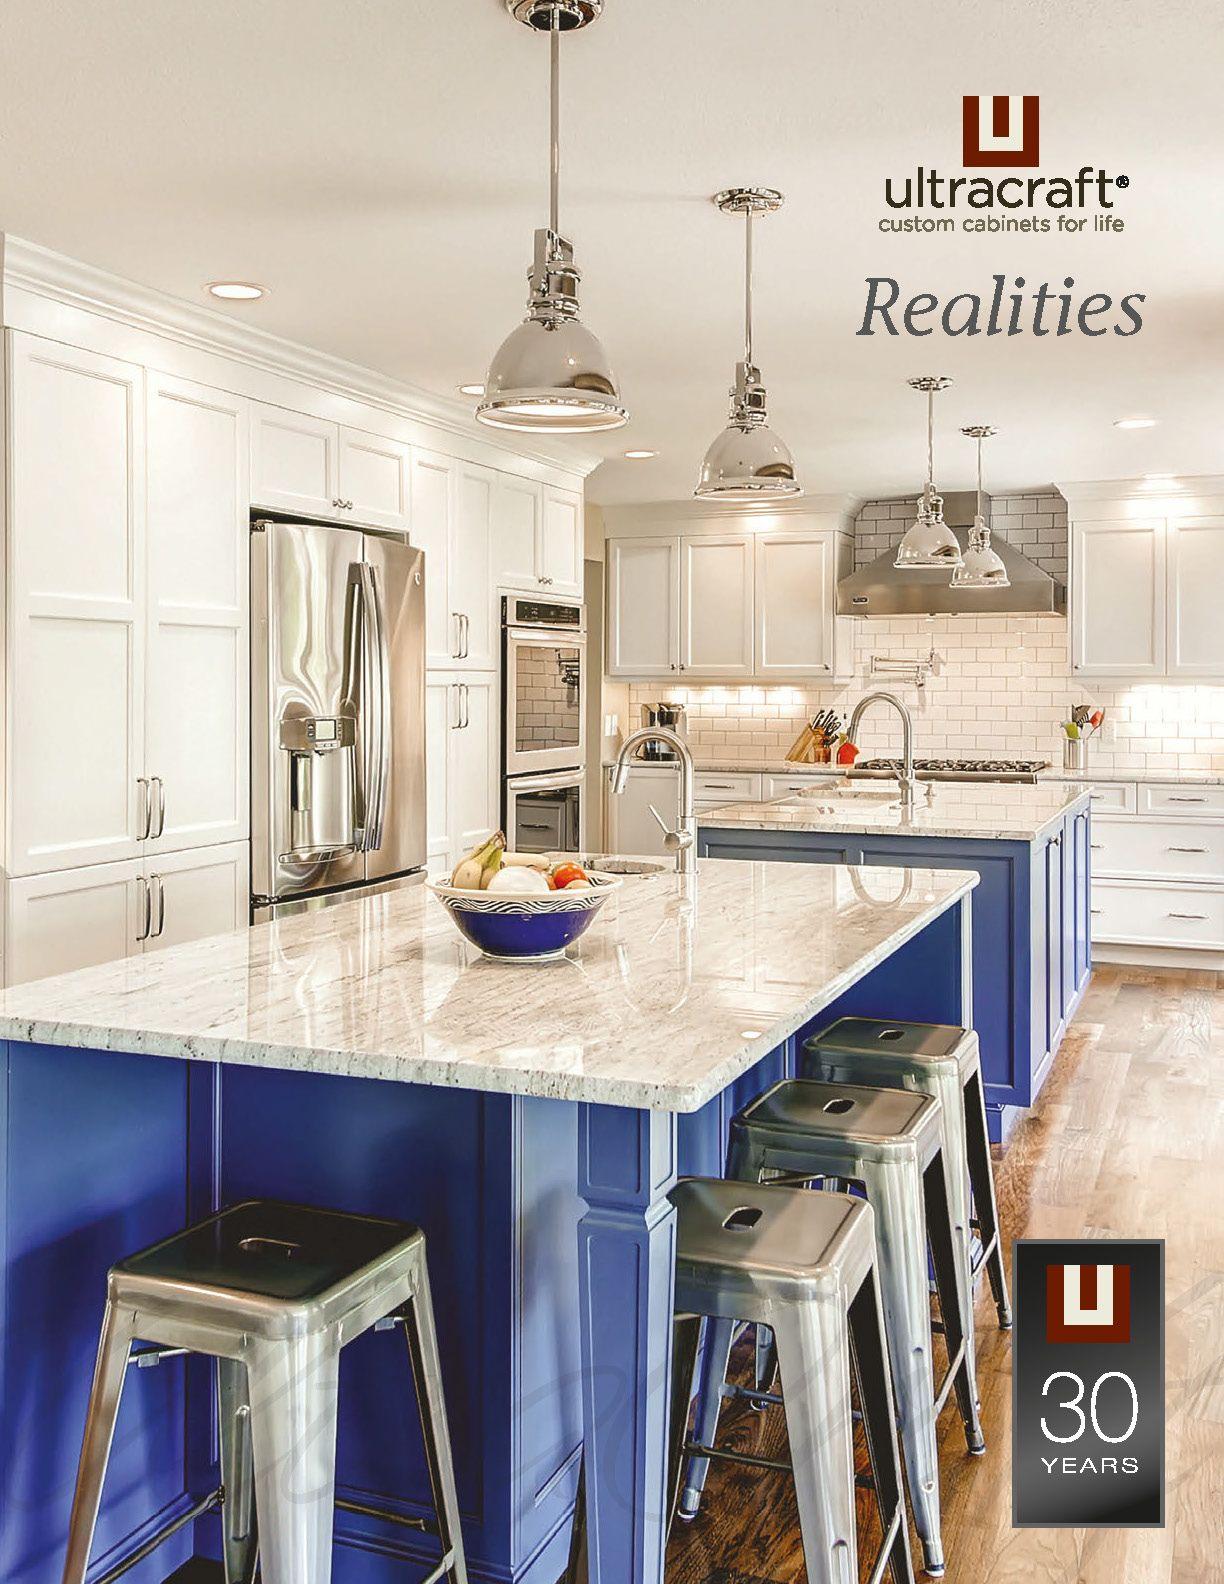 Best Kitchen Gallery: Brochure Downloads Ultracraft Ultracraft Pinterest Brochures of Ultracraft Kitchen Cabinets on rachelxblog.com